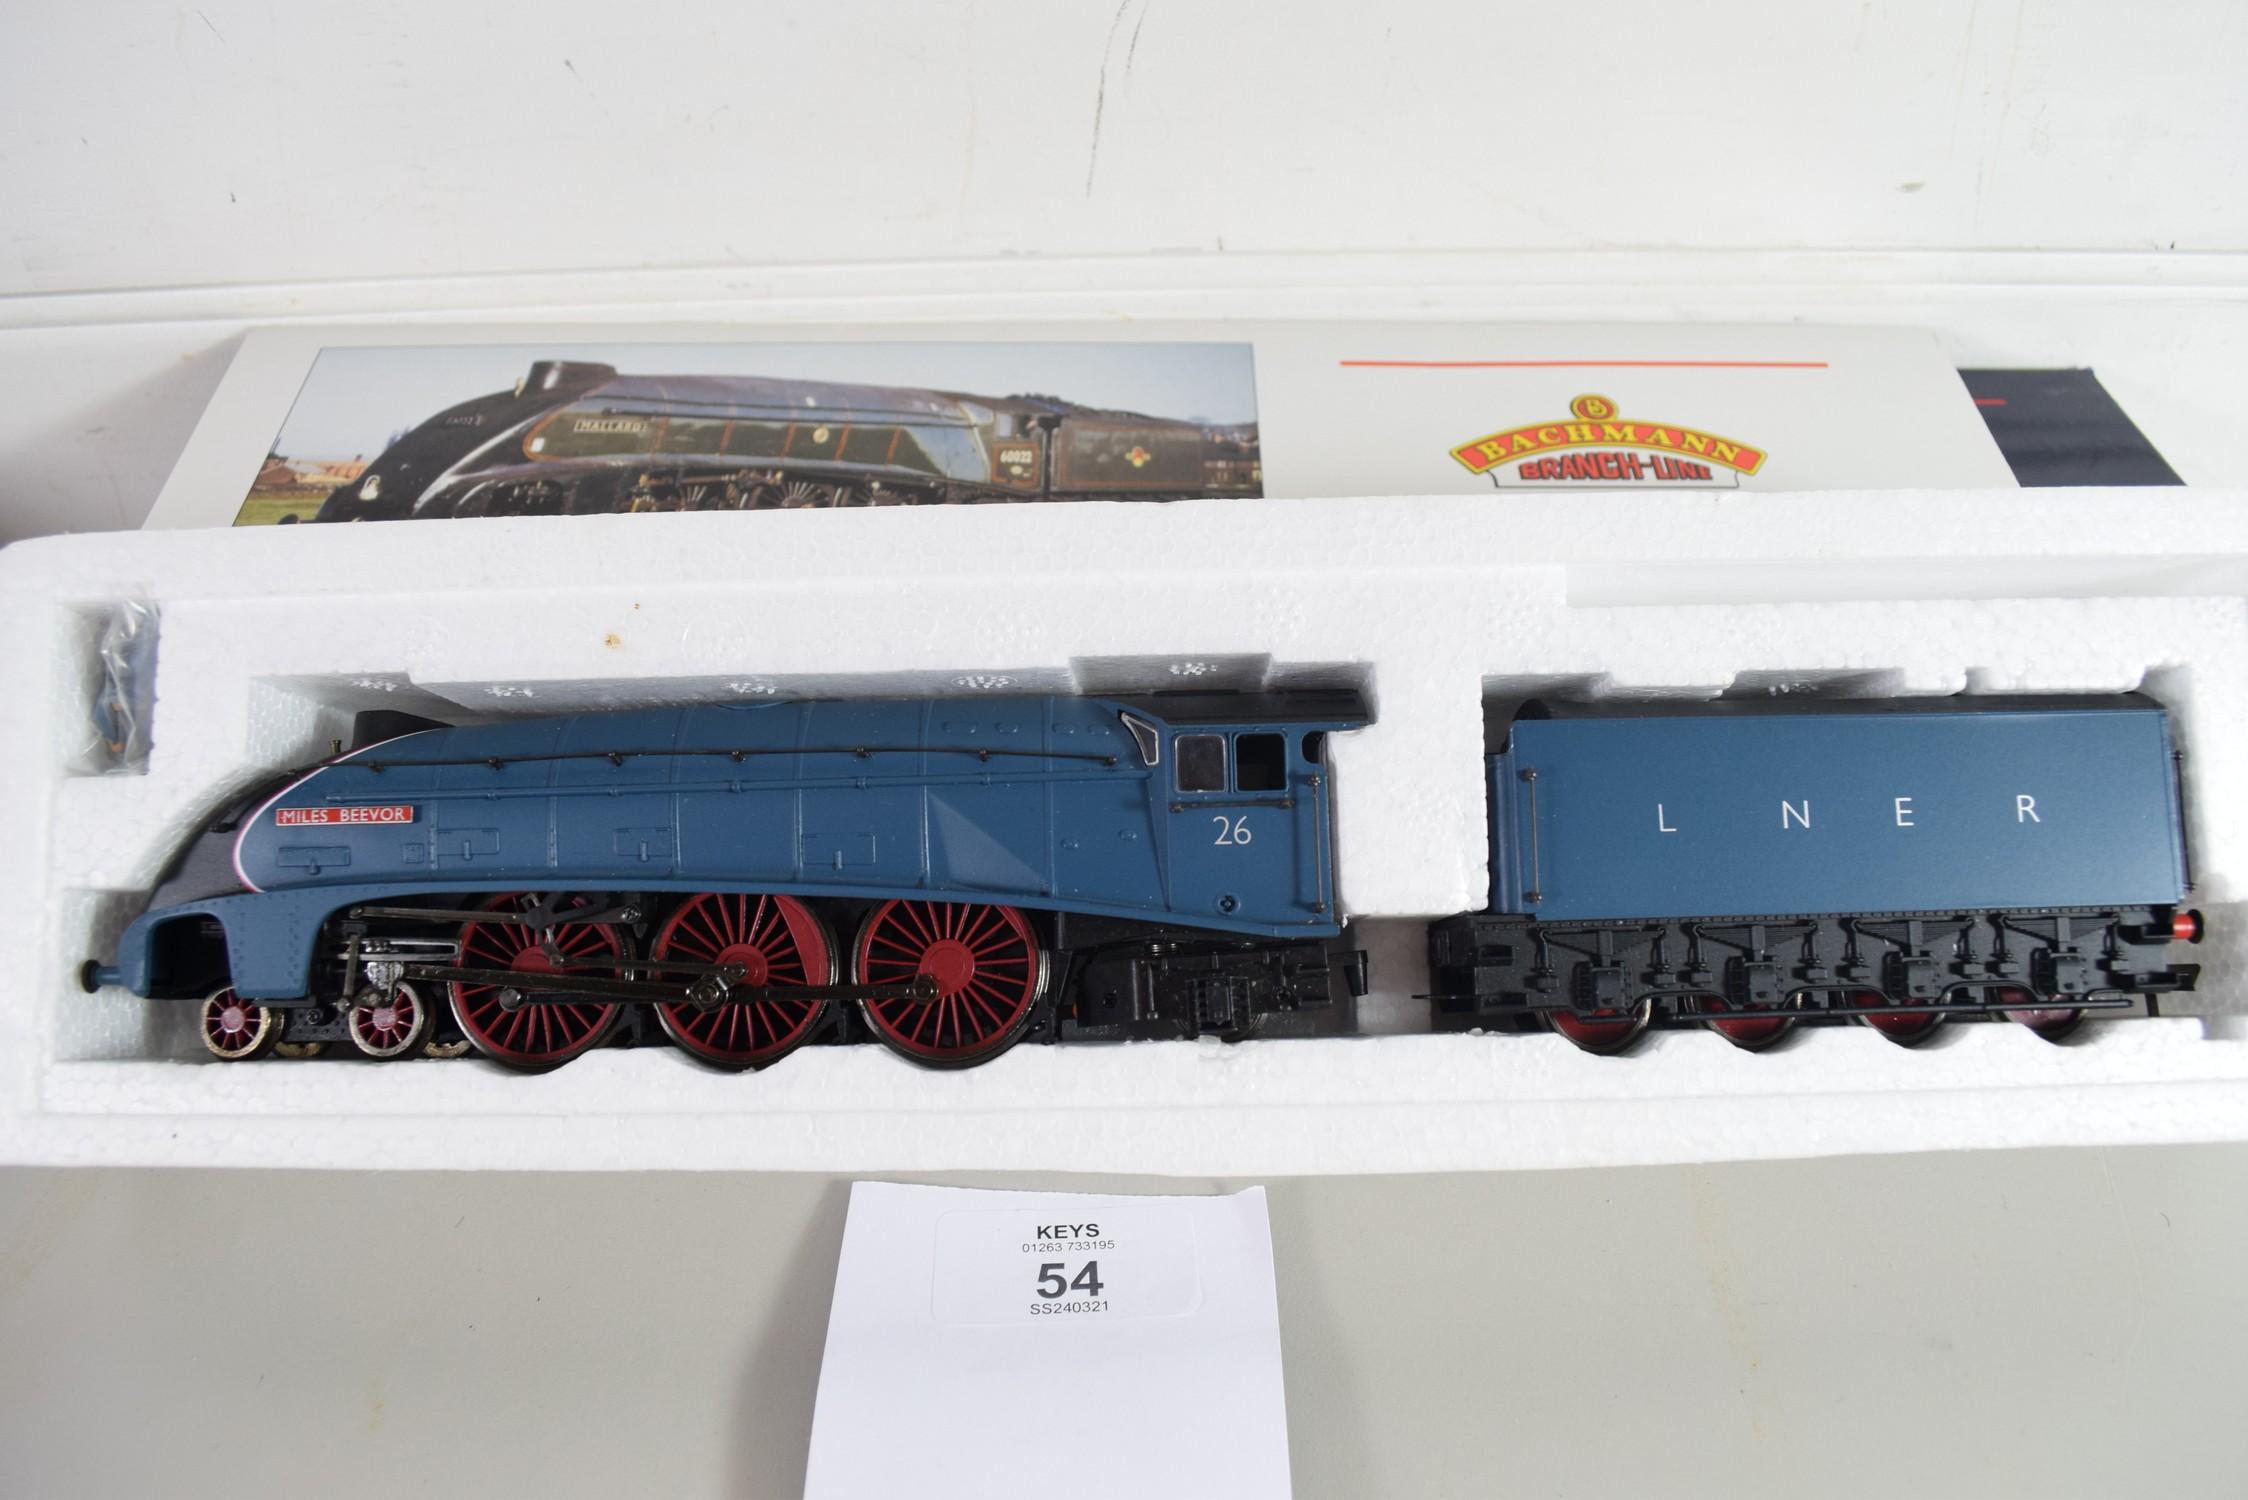 """Boxed Bachmann 00 gauge 31-959 A4 """"Miles Beevor"""", LNER garter blue, No 26 locomotive - Image 2 of 2"""